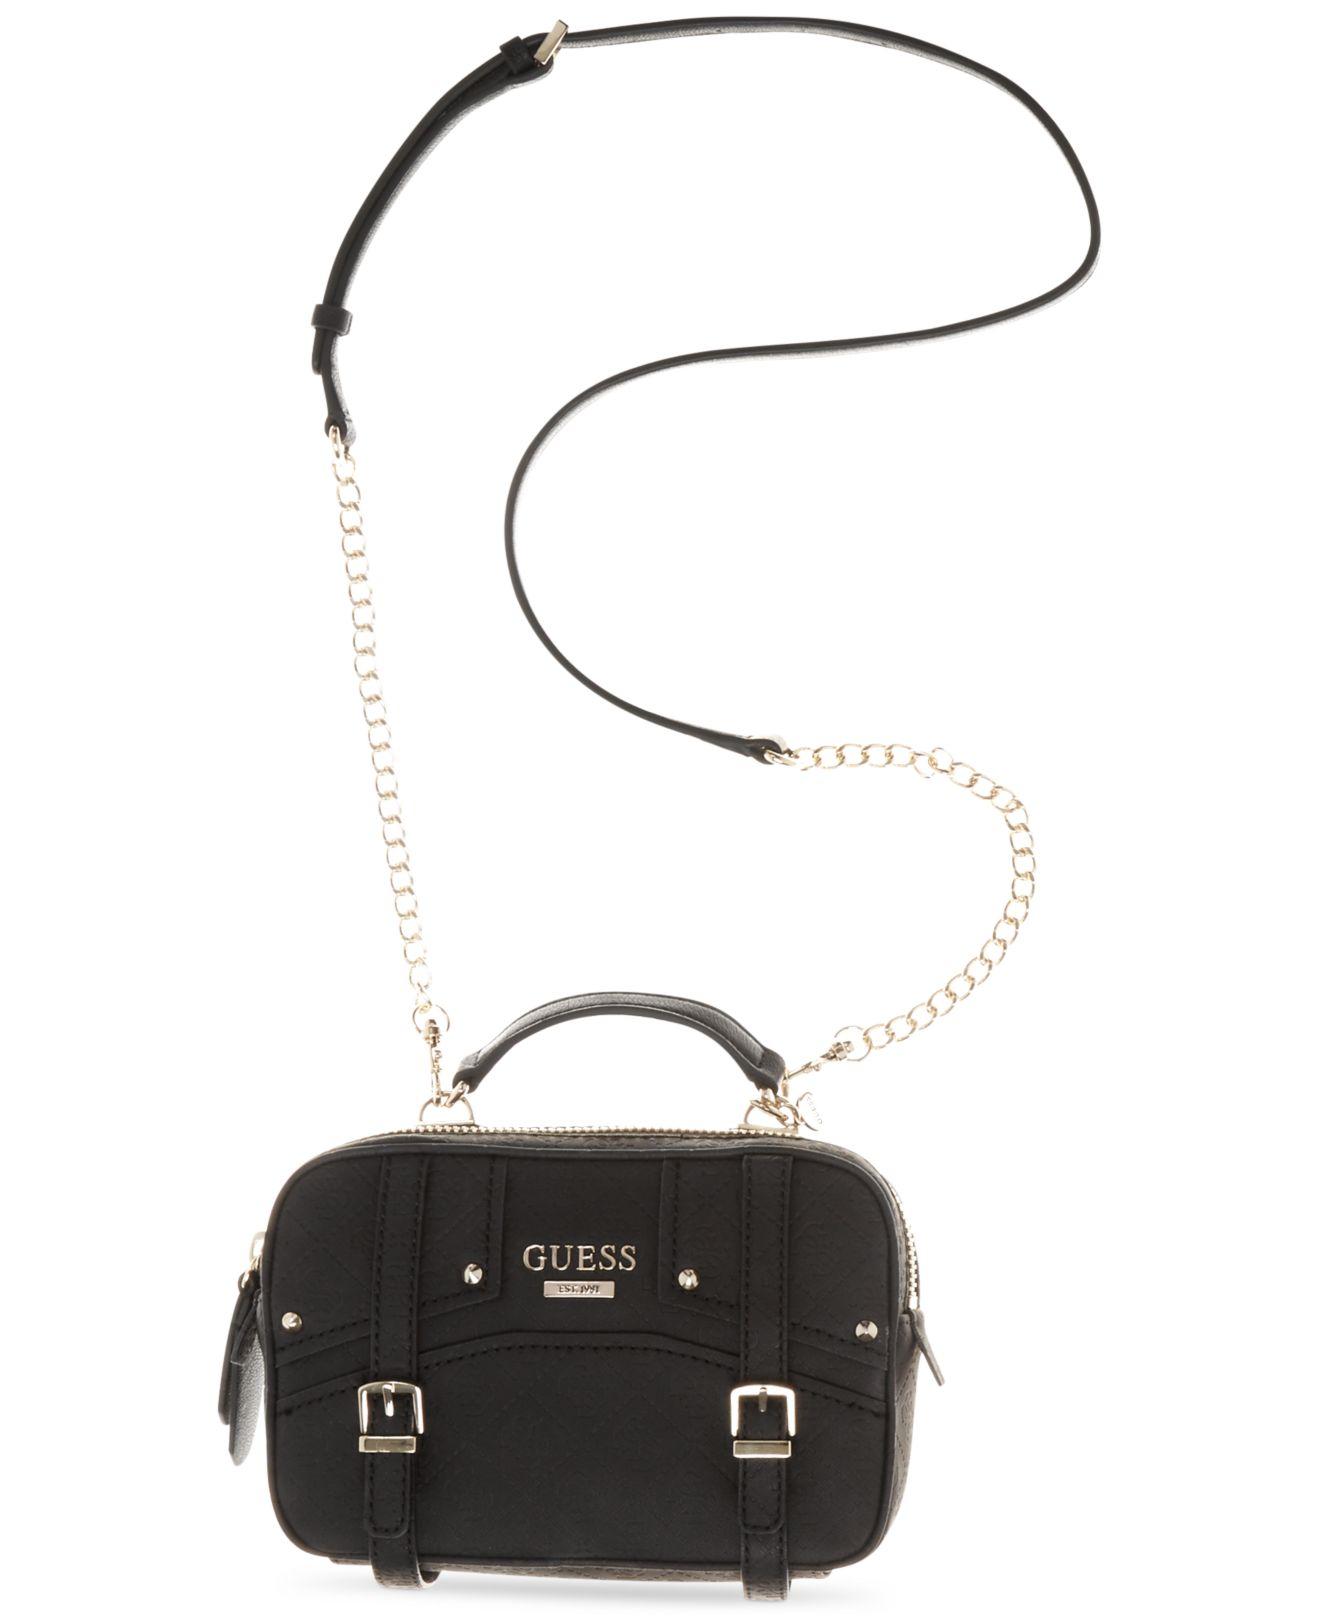 Guess Crossbody Tassen : Lyst guess rikki crossbody camera bag logo embossed in black